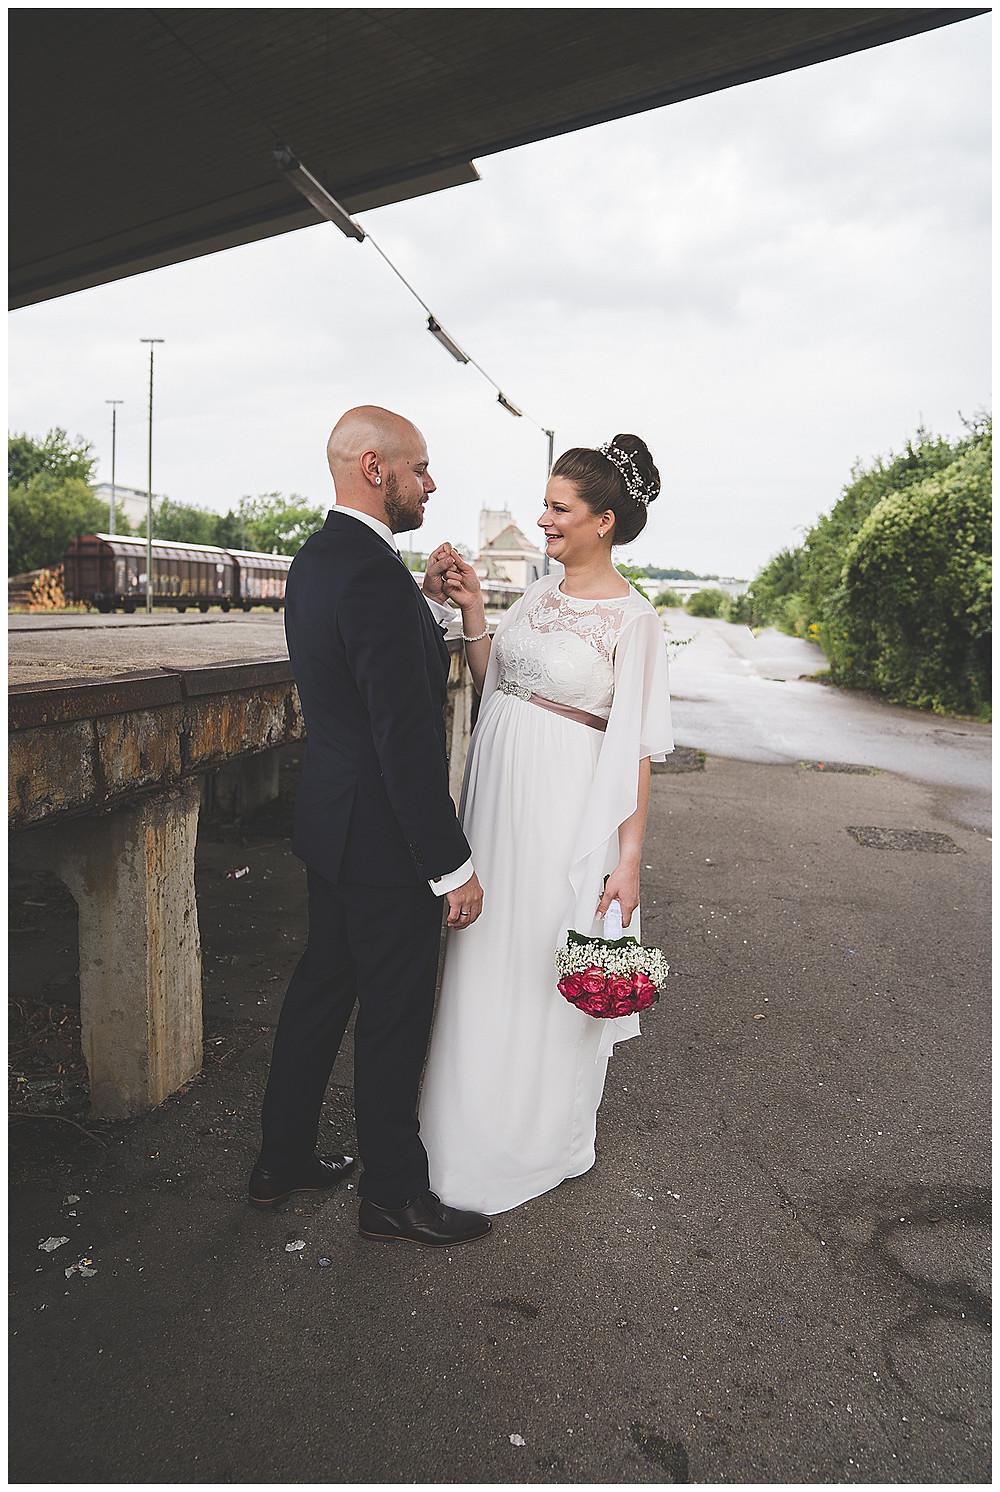 Brautpaarshooting Sinneszauber Hochzeitsfotograf